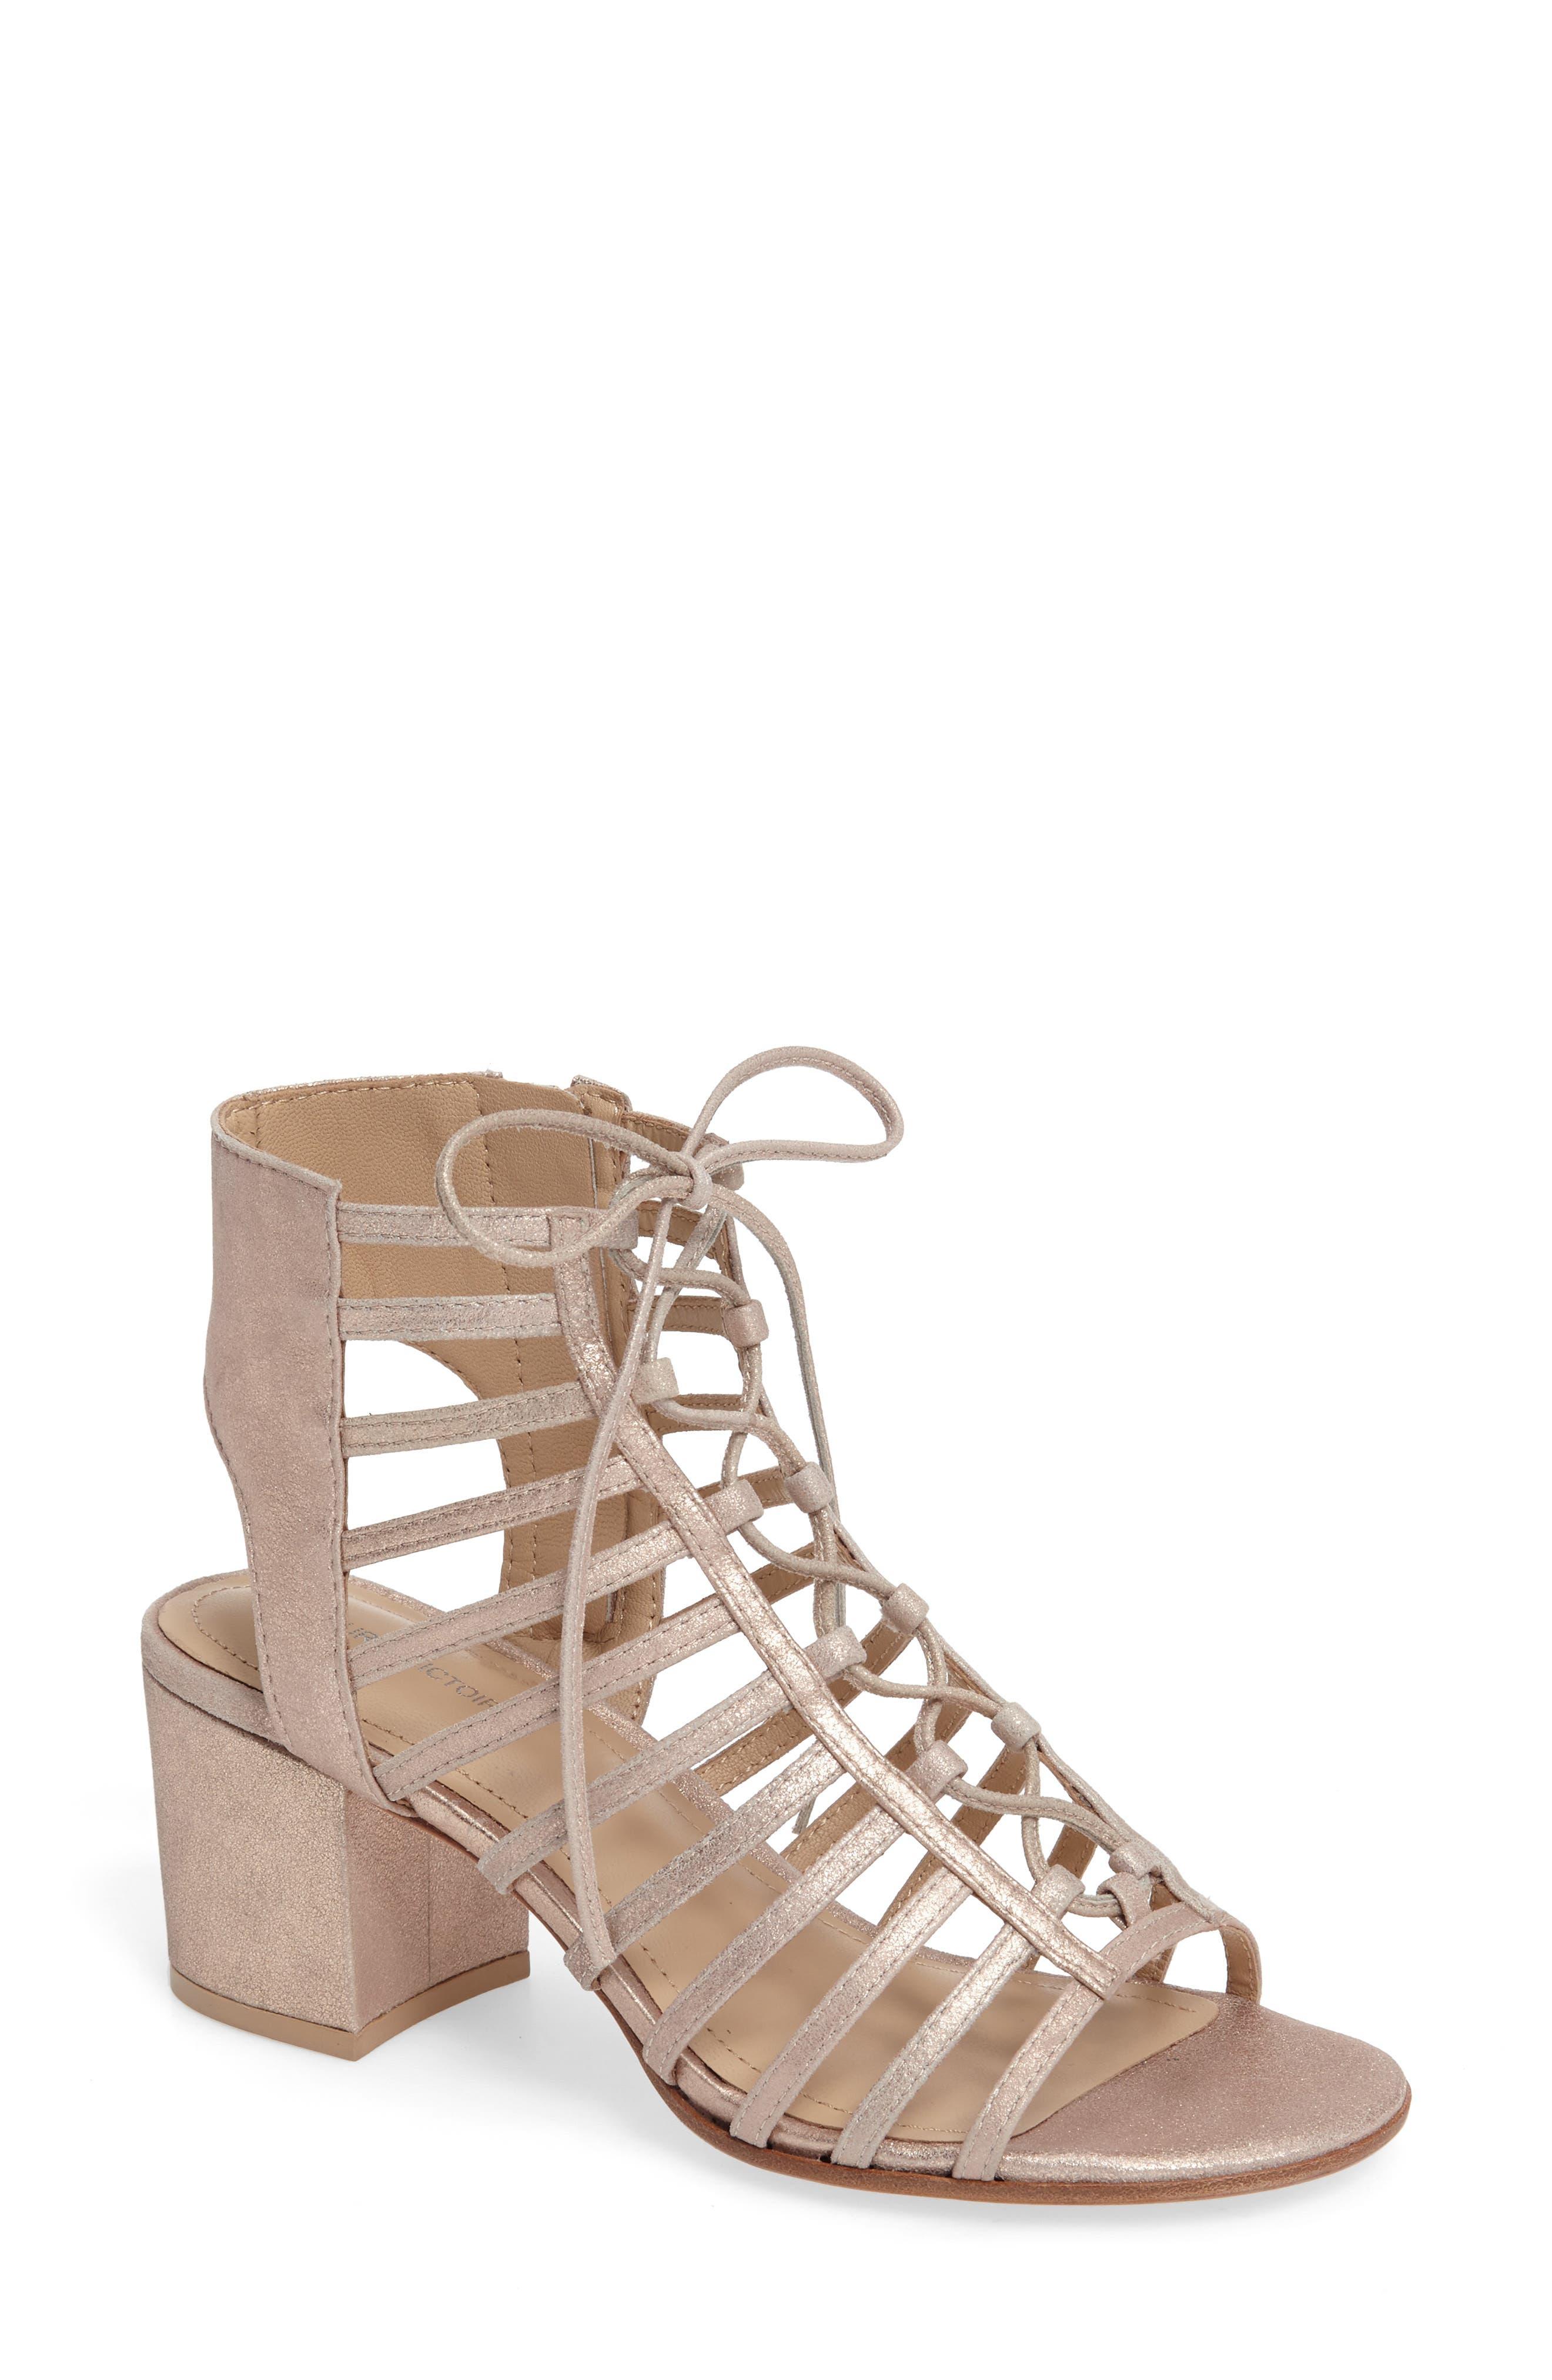 POUR LA VICTOIRE 'Amabelle' Lace-Up Sandal